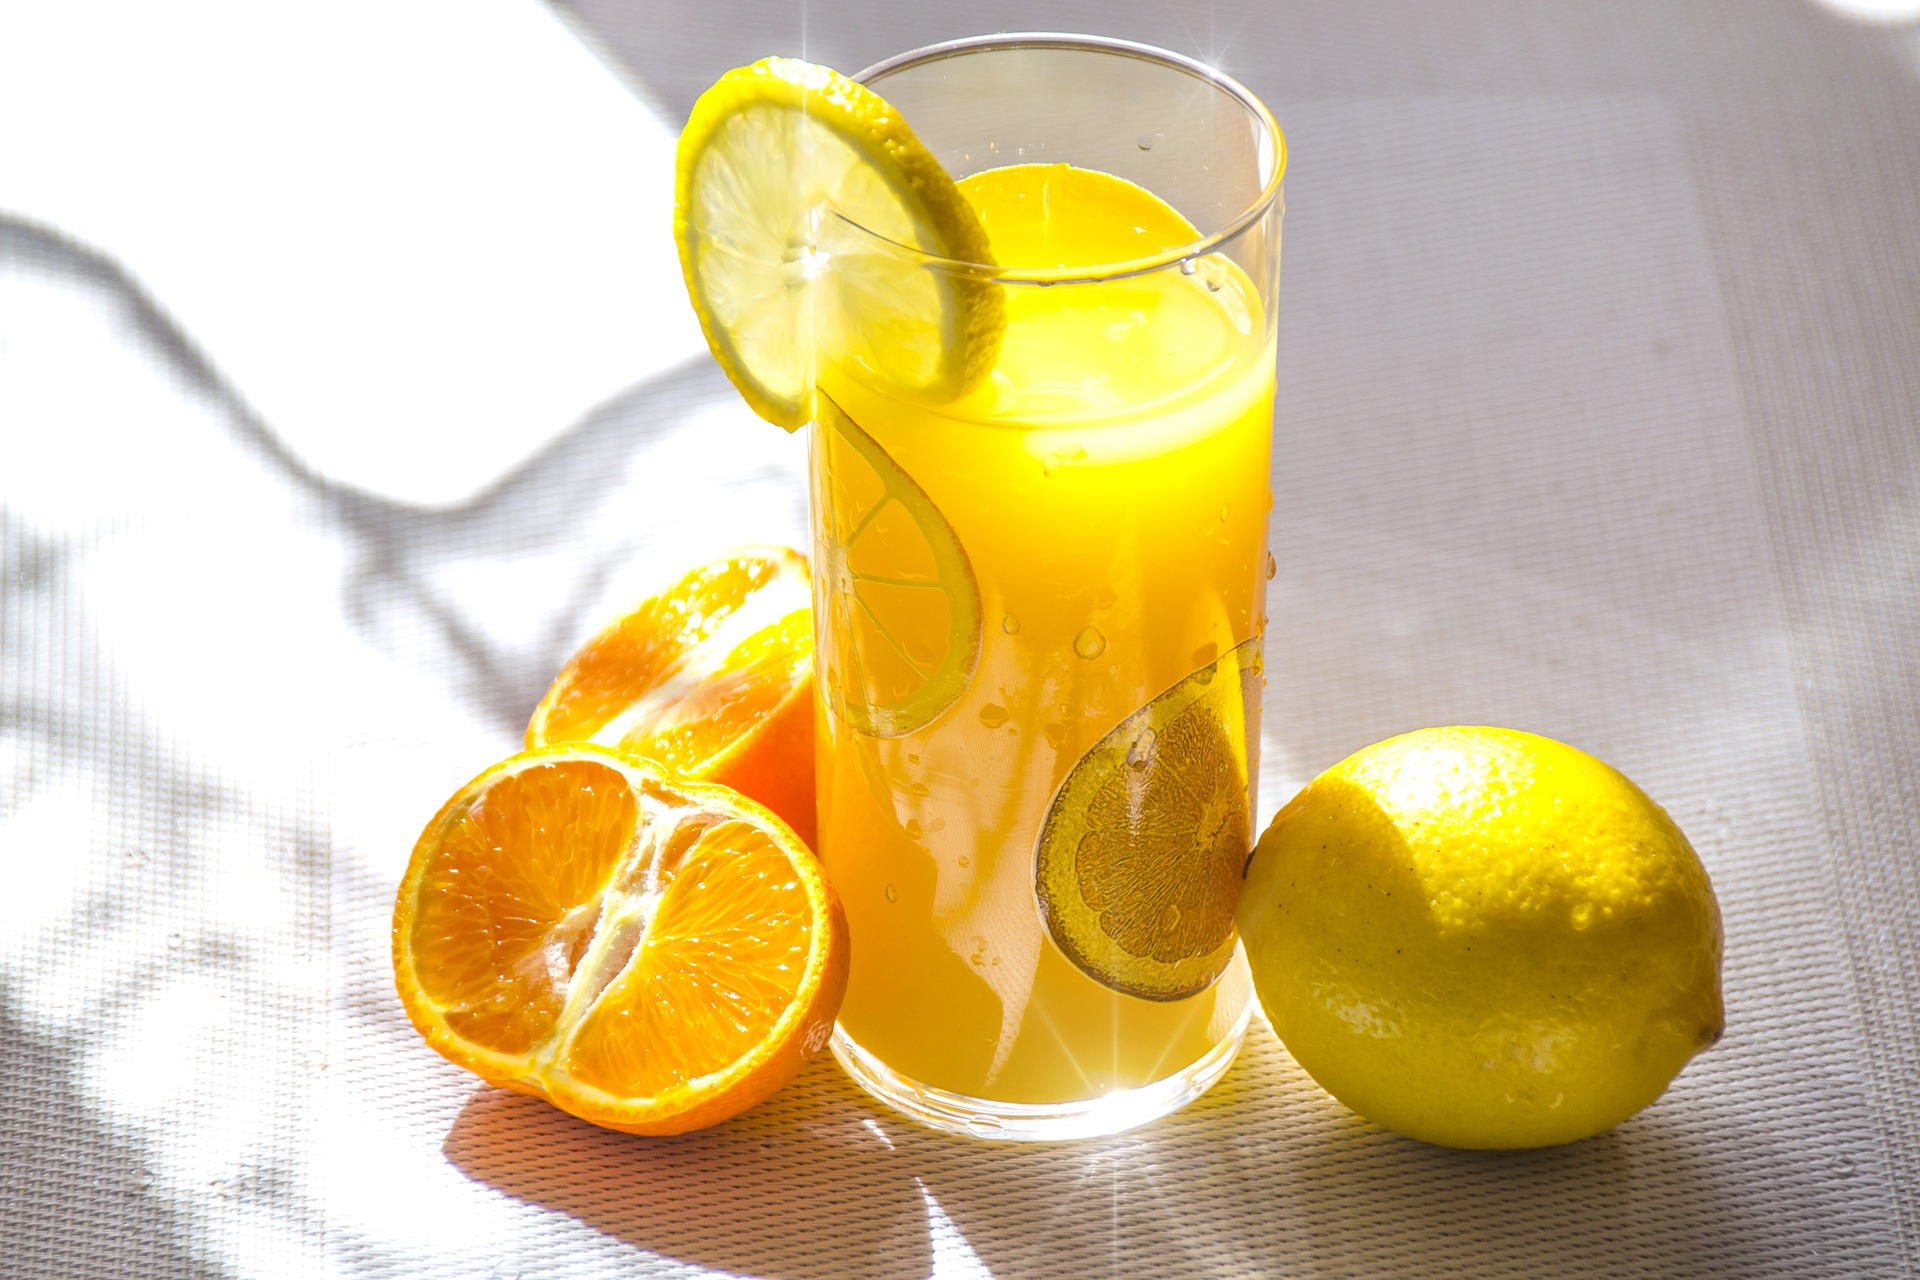 Zdrowa dieta MITY - 9 (fot. pixabay.com)